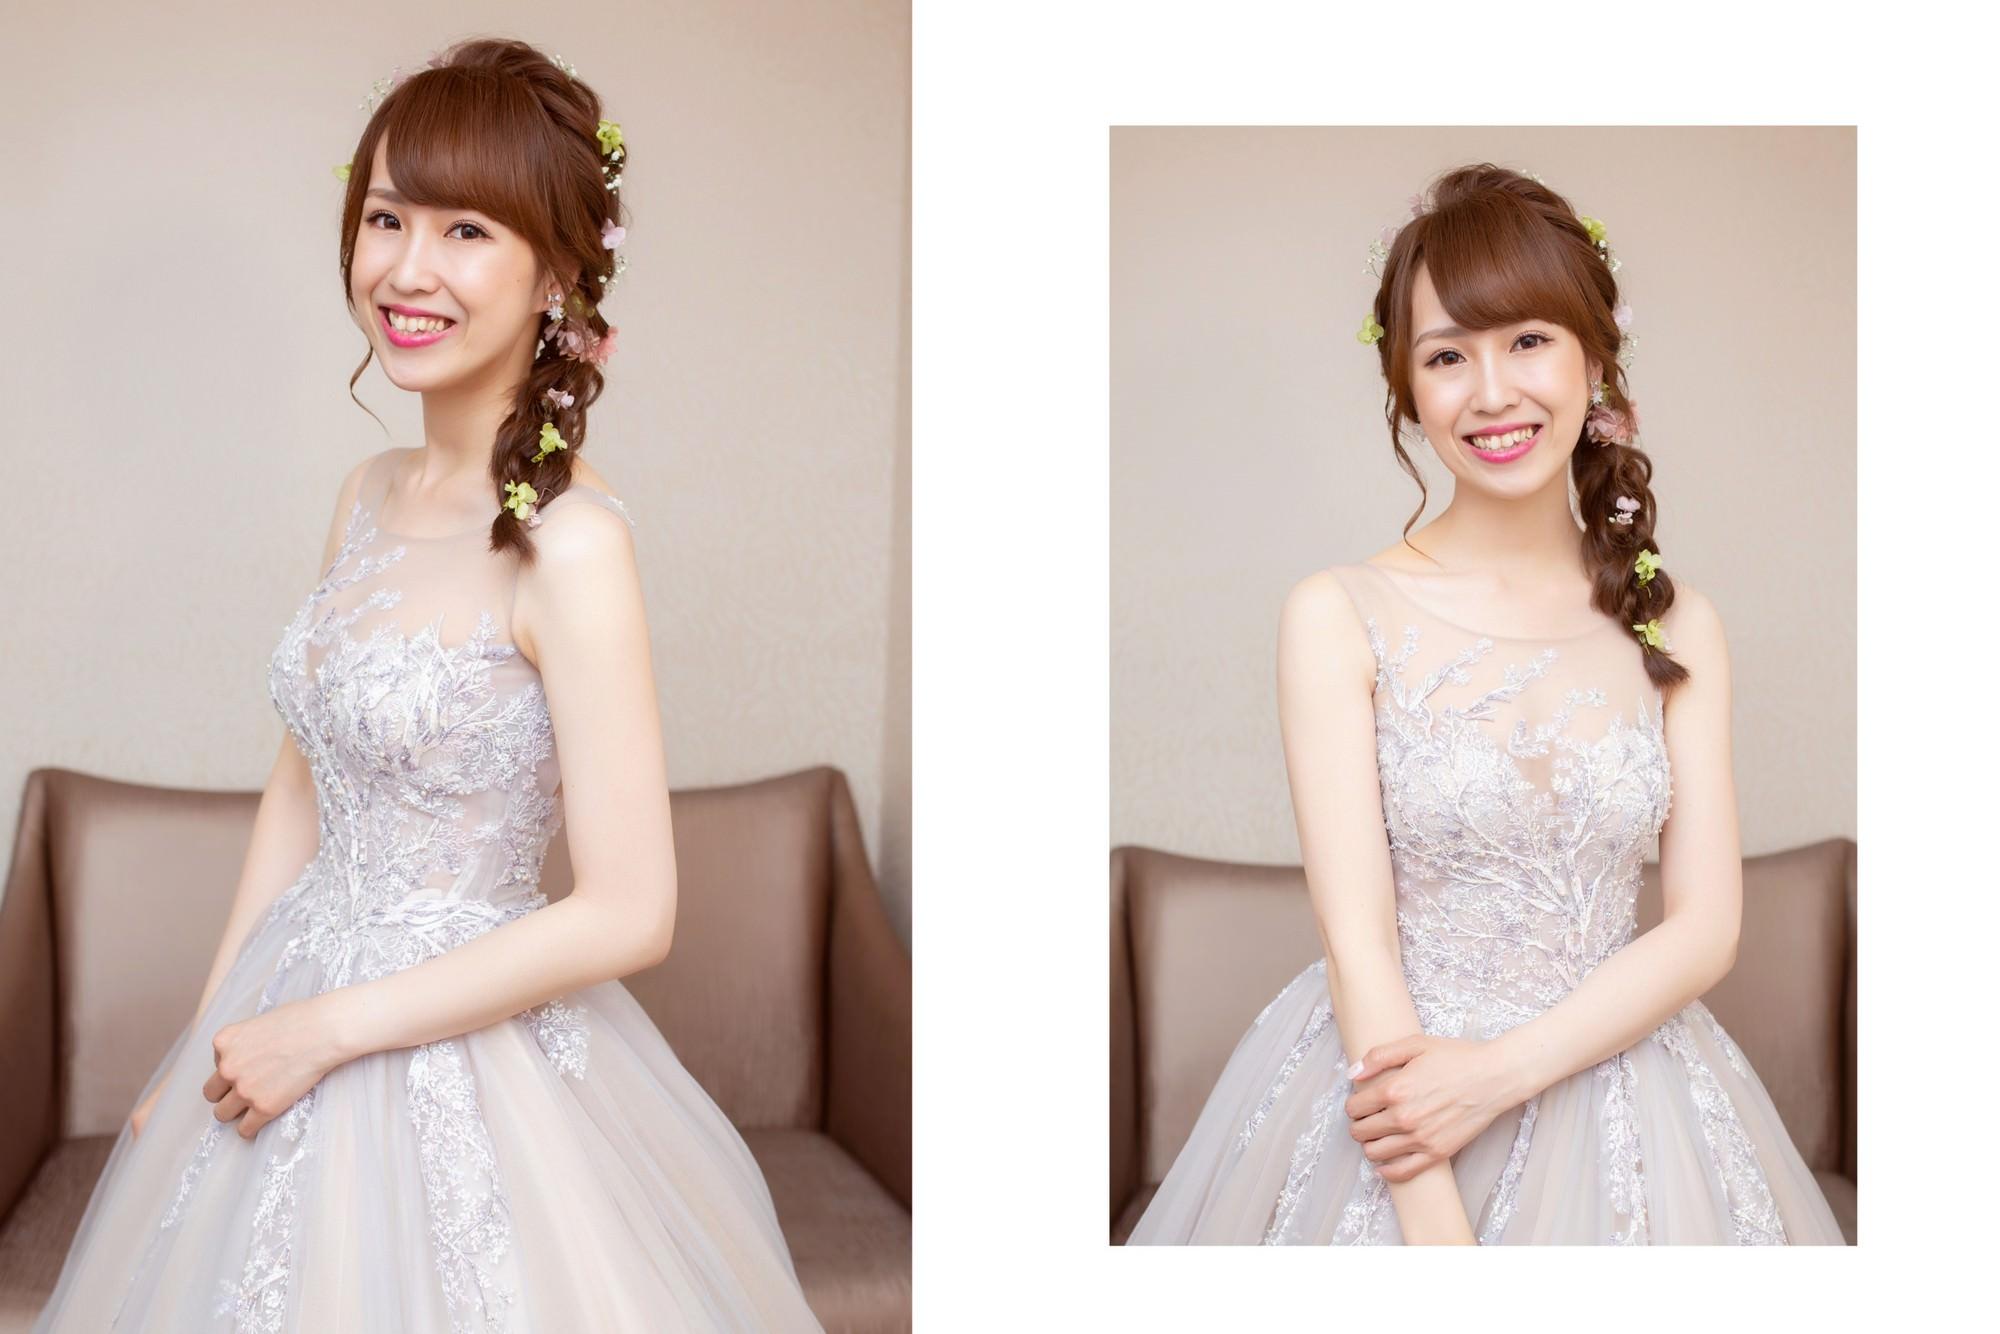 新娘秘書,新秘,新娘造型,編髮造型,新娘髮型,新娘妝容, 側邊編髮造型,wedding hairstyle, 小碎花造型, 新秘YUKI, 藕色禮服